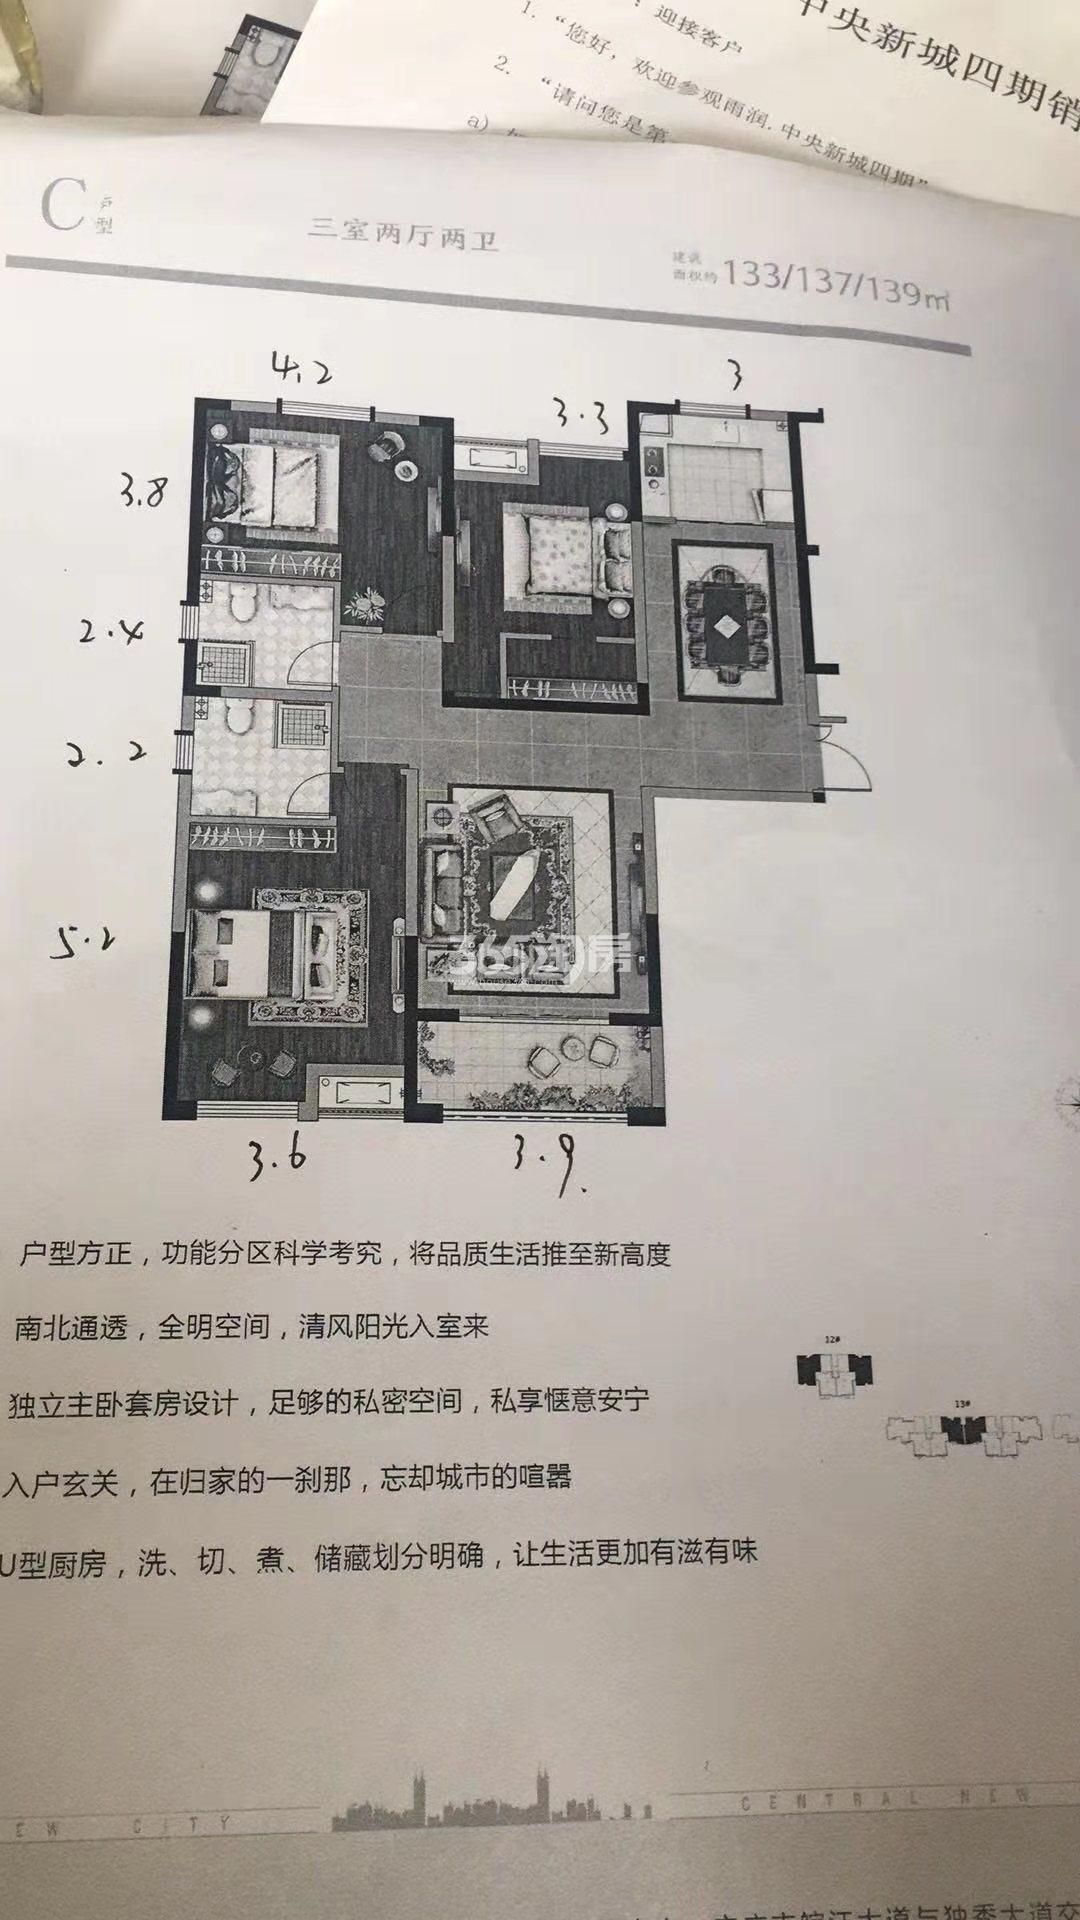 3室2厅2卫 133/137/139㎡